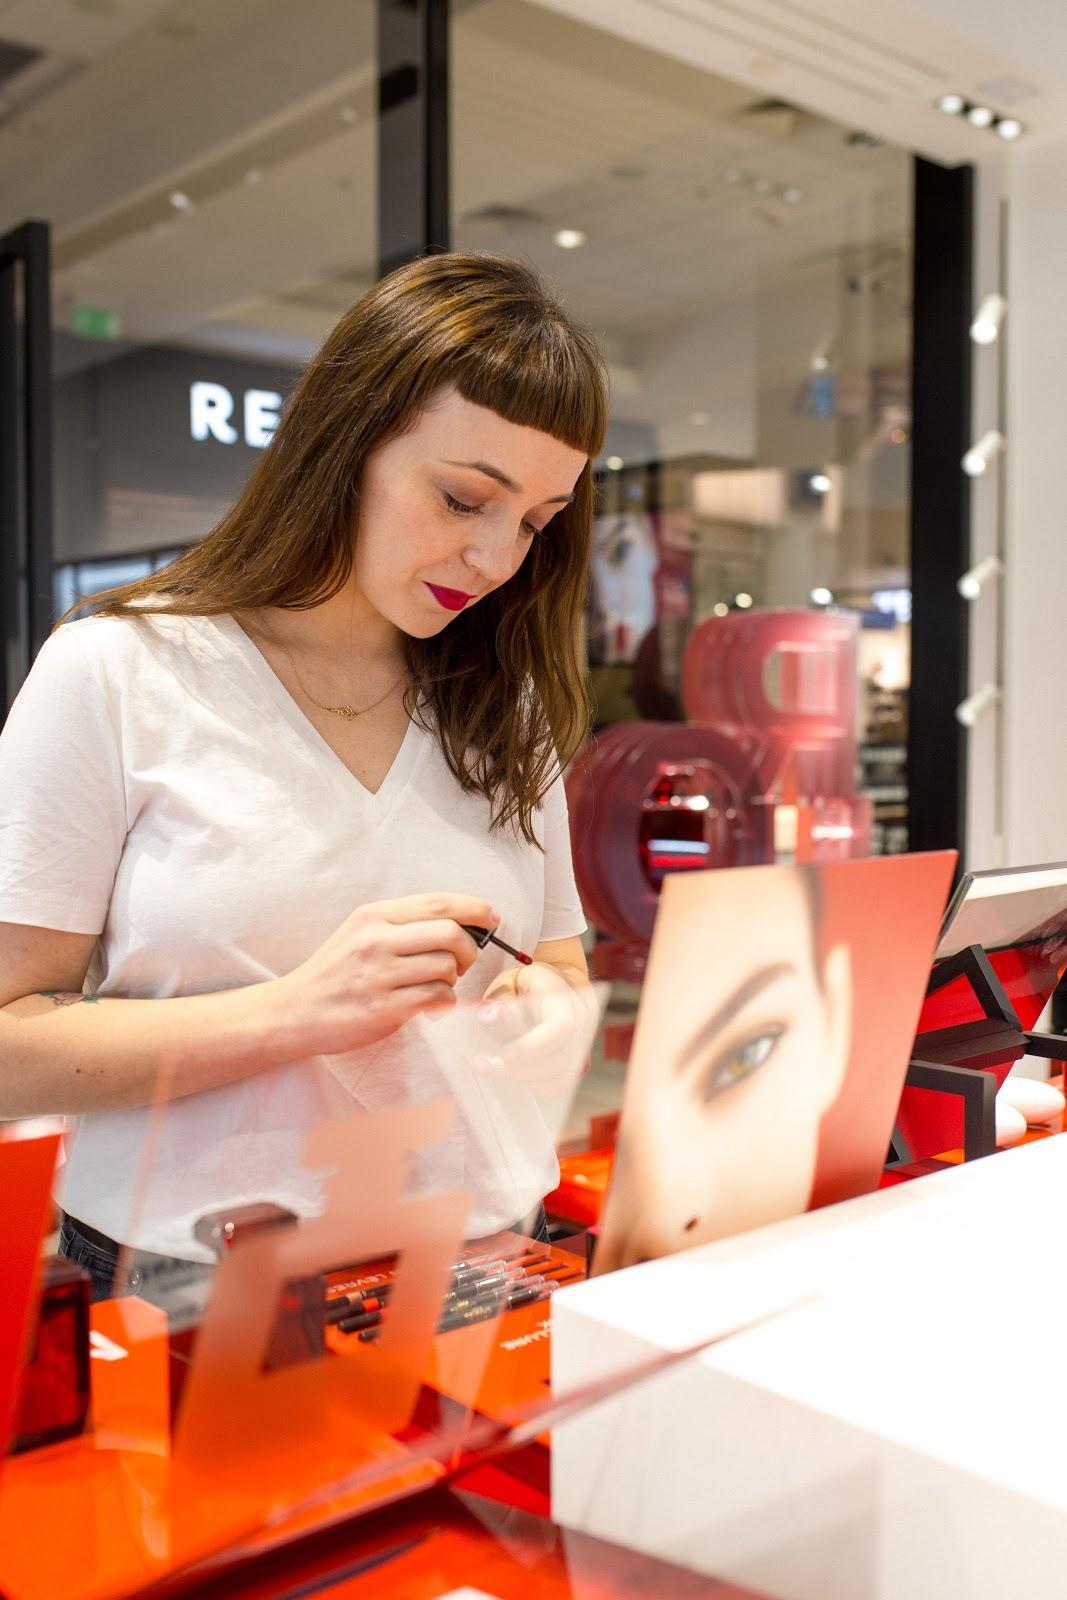 022e51771e408 Moja wizyta w butiku miała jeszcze jeden cel: francuski makijaż. Miejsce do  jego wykonania najlepsze z możliwych, prawda? Oprócz zdjęć tym razem mam  dla Was ...